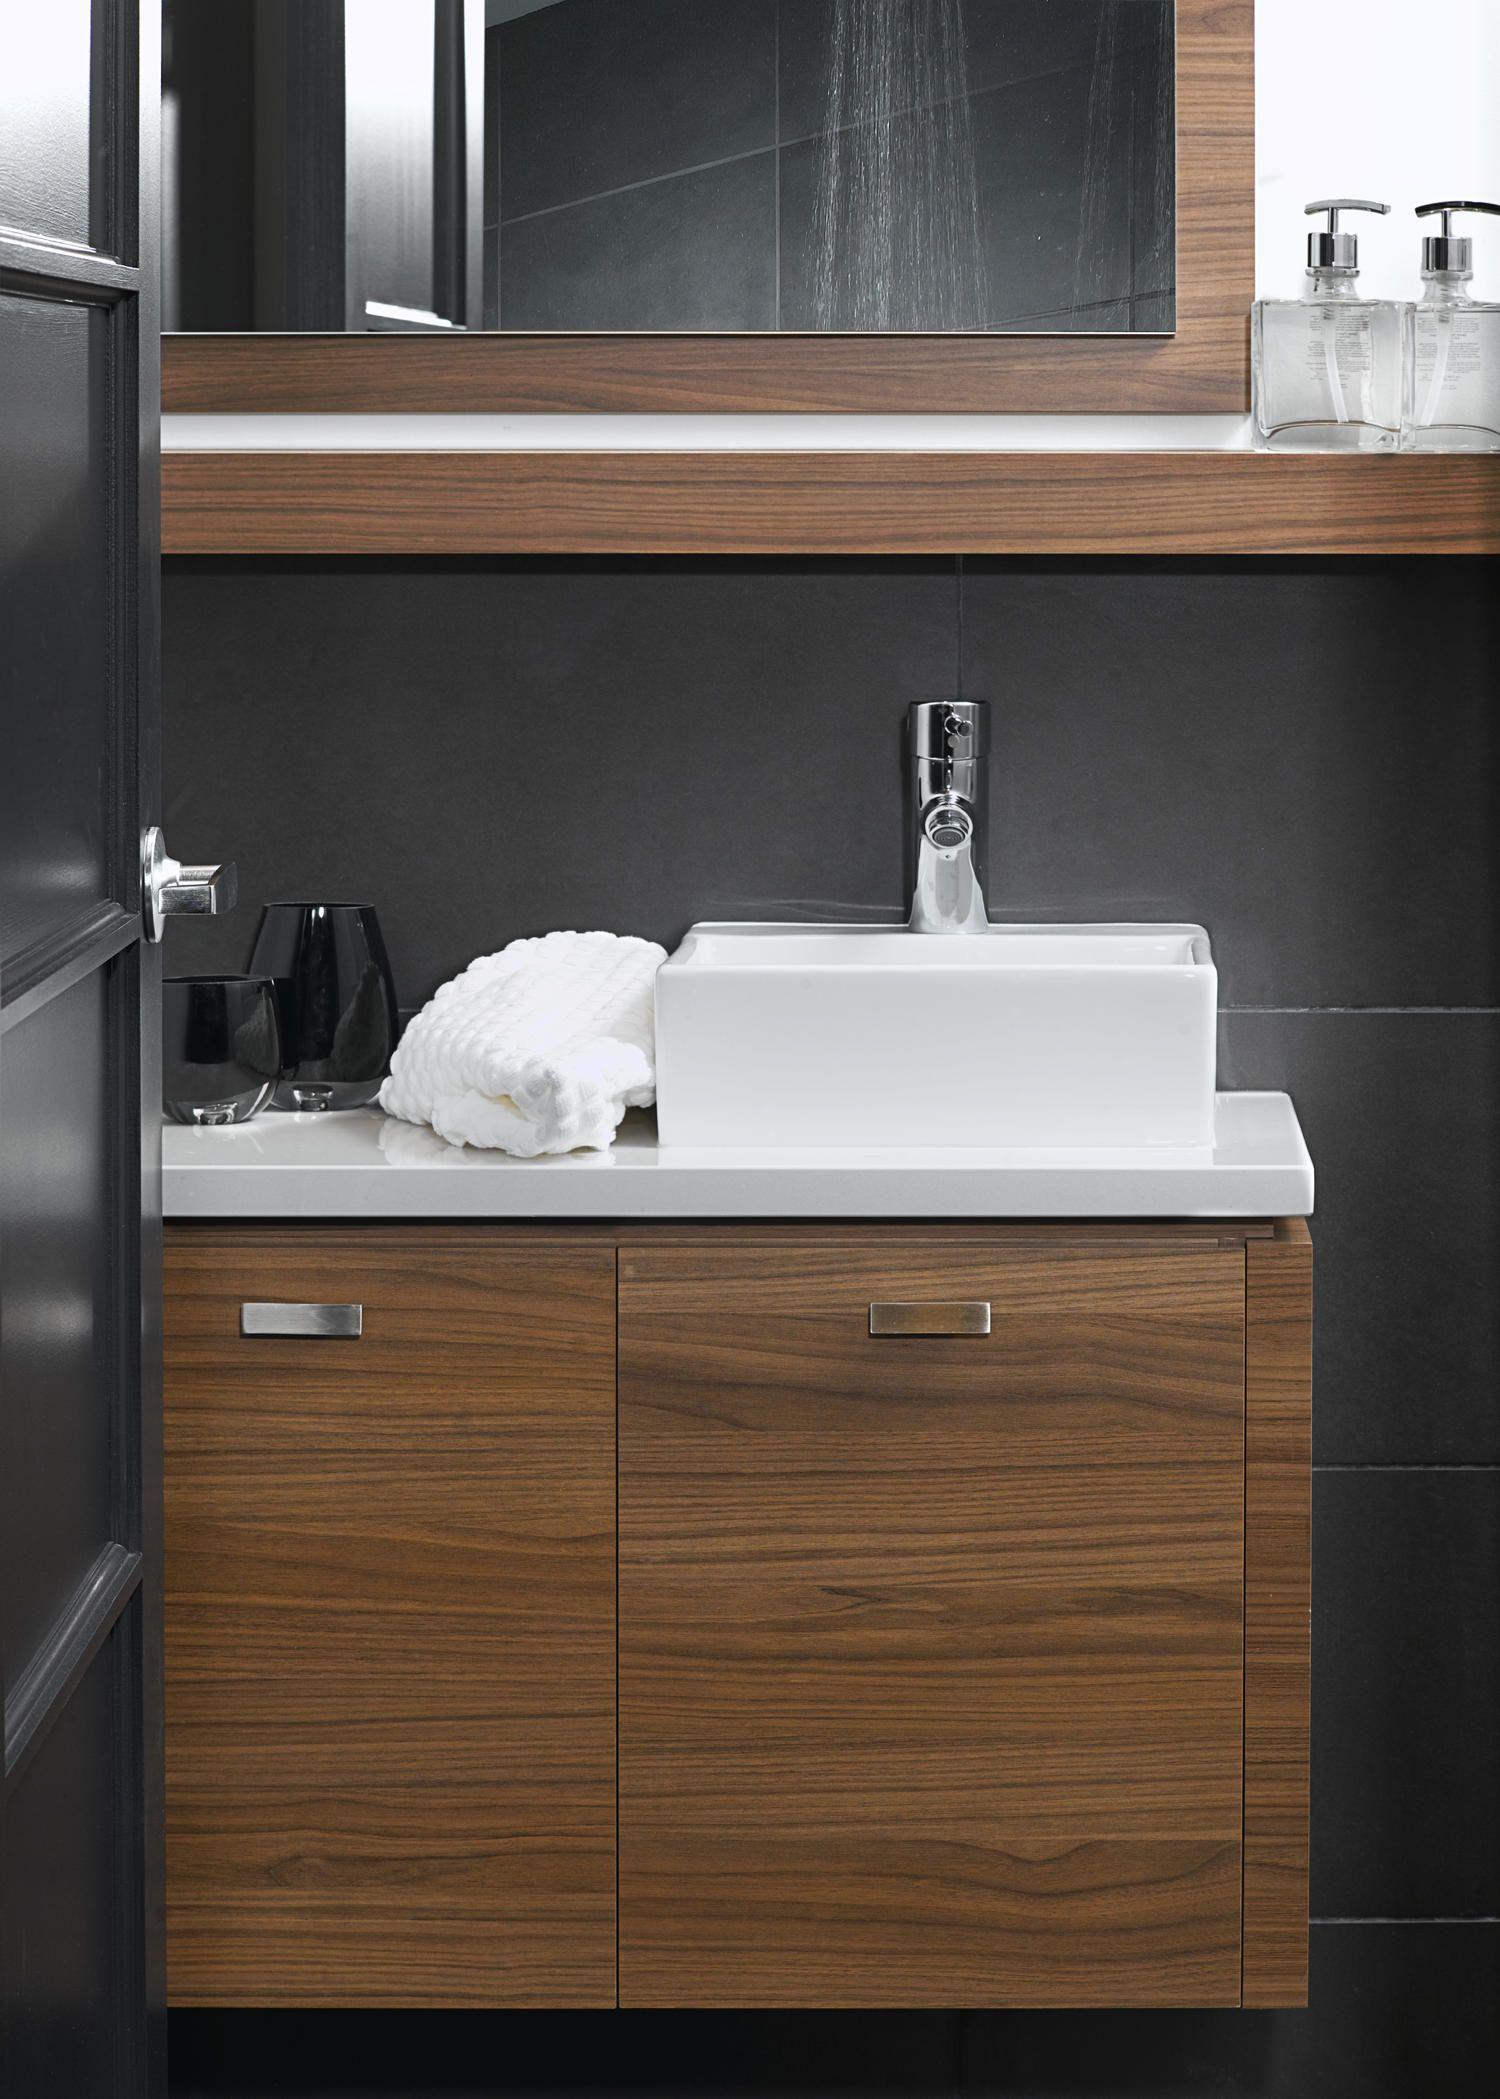 Salle de bain espana vanit de salle de bain en m lamine - Couleur salle de bain moderne ...